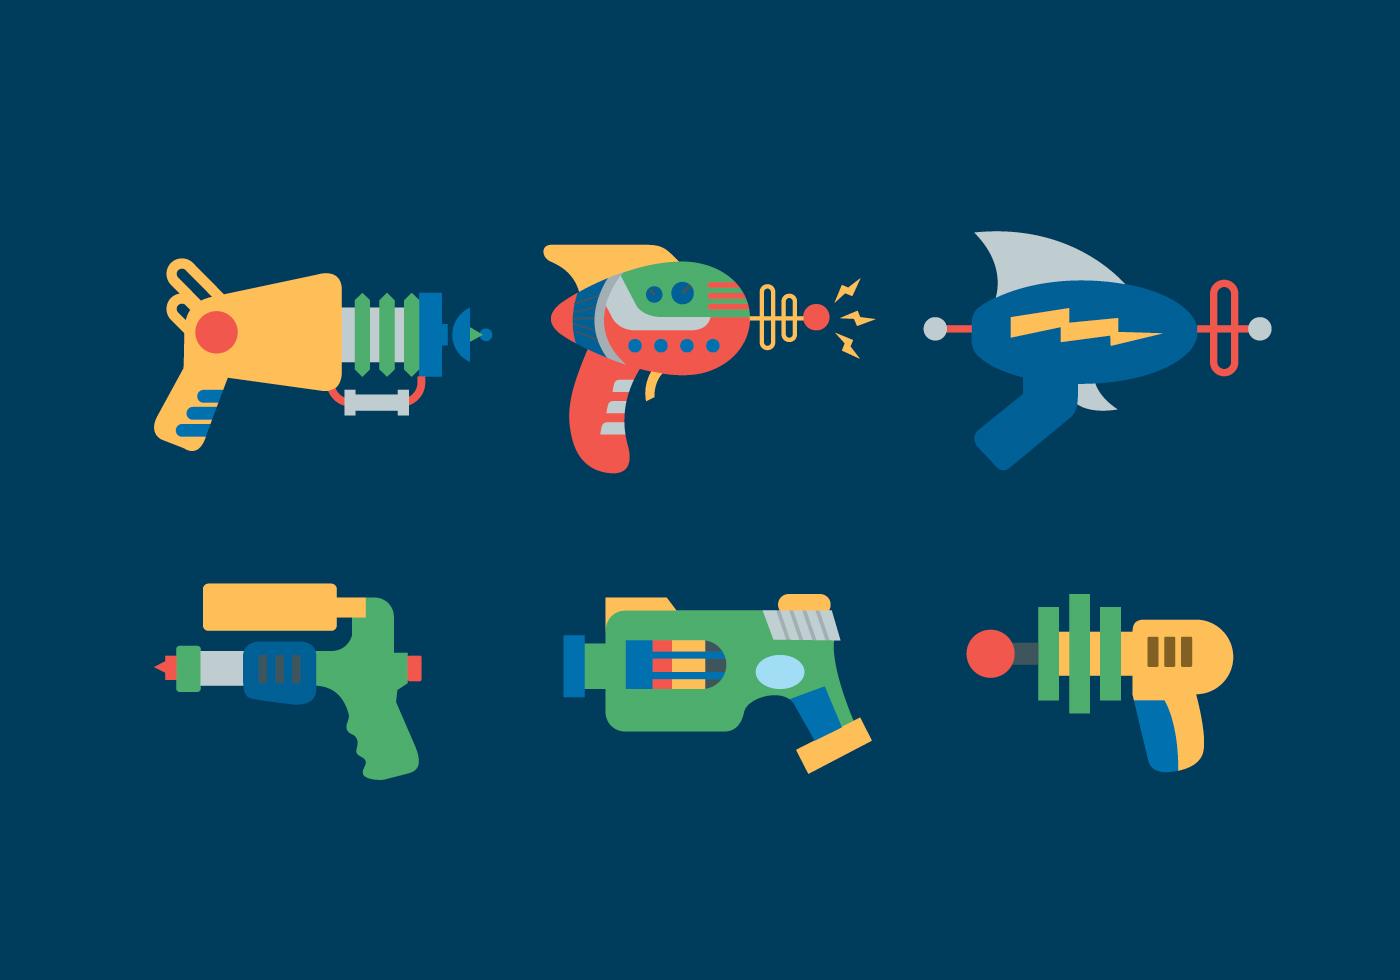 Laser Gun Vector Illustrations Download Free Vector Art